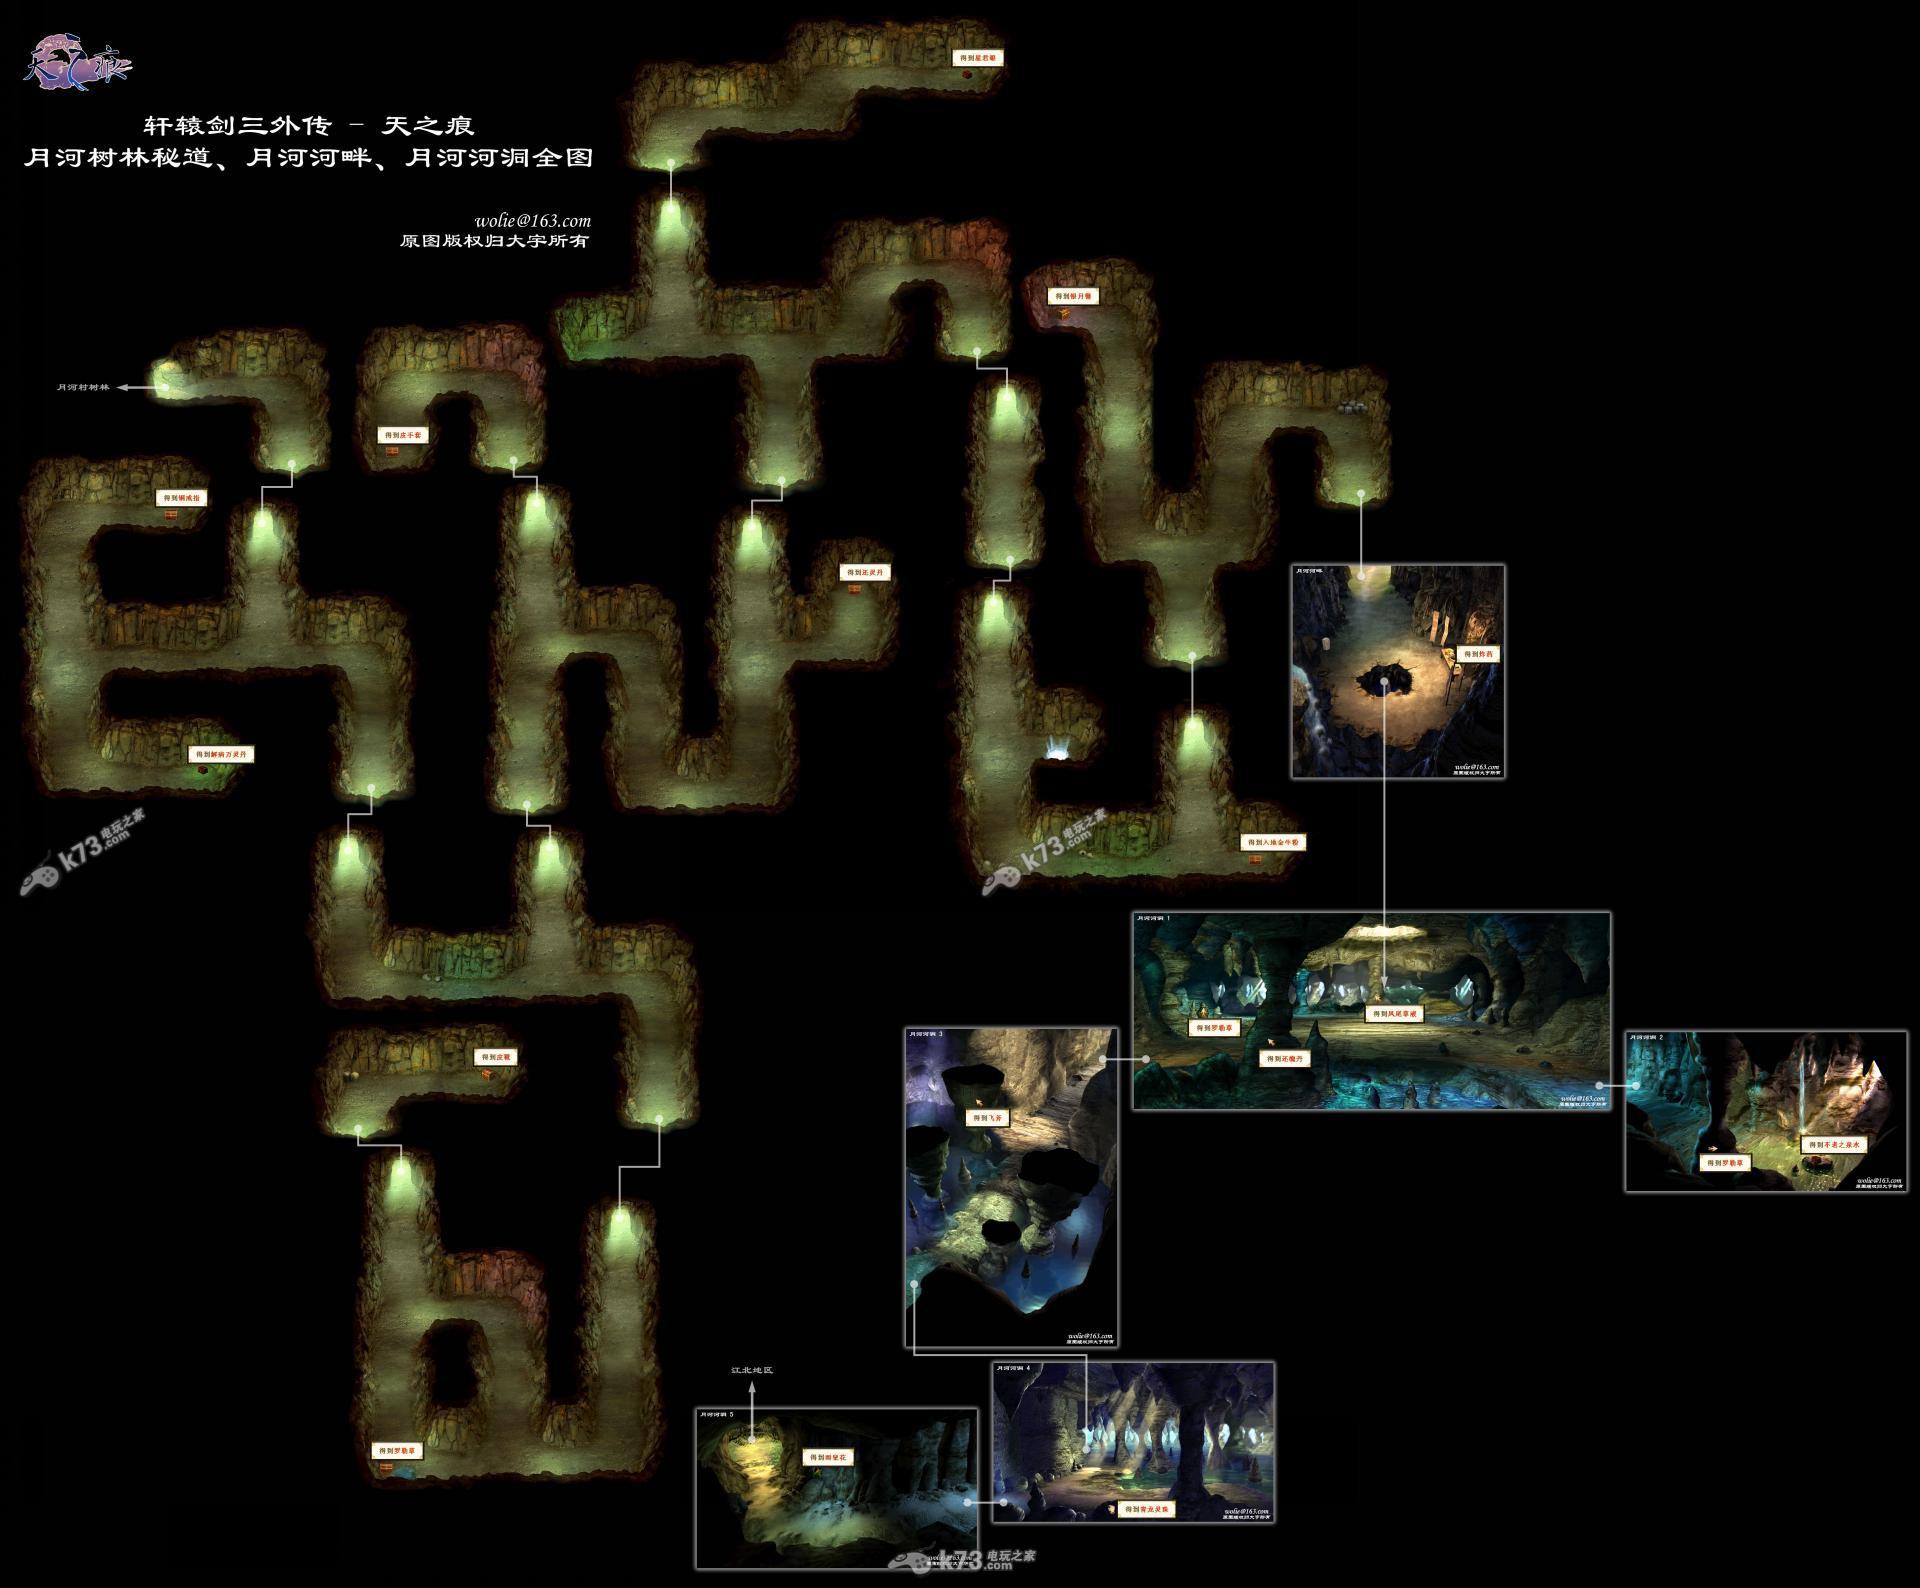 轩辕剑3外传天之痕 地图大全